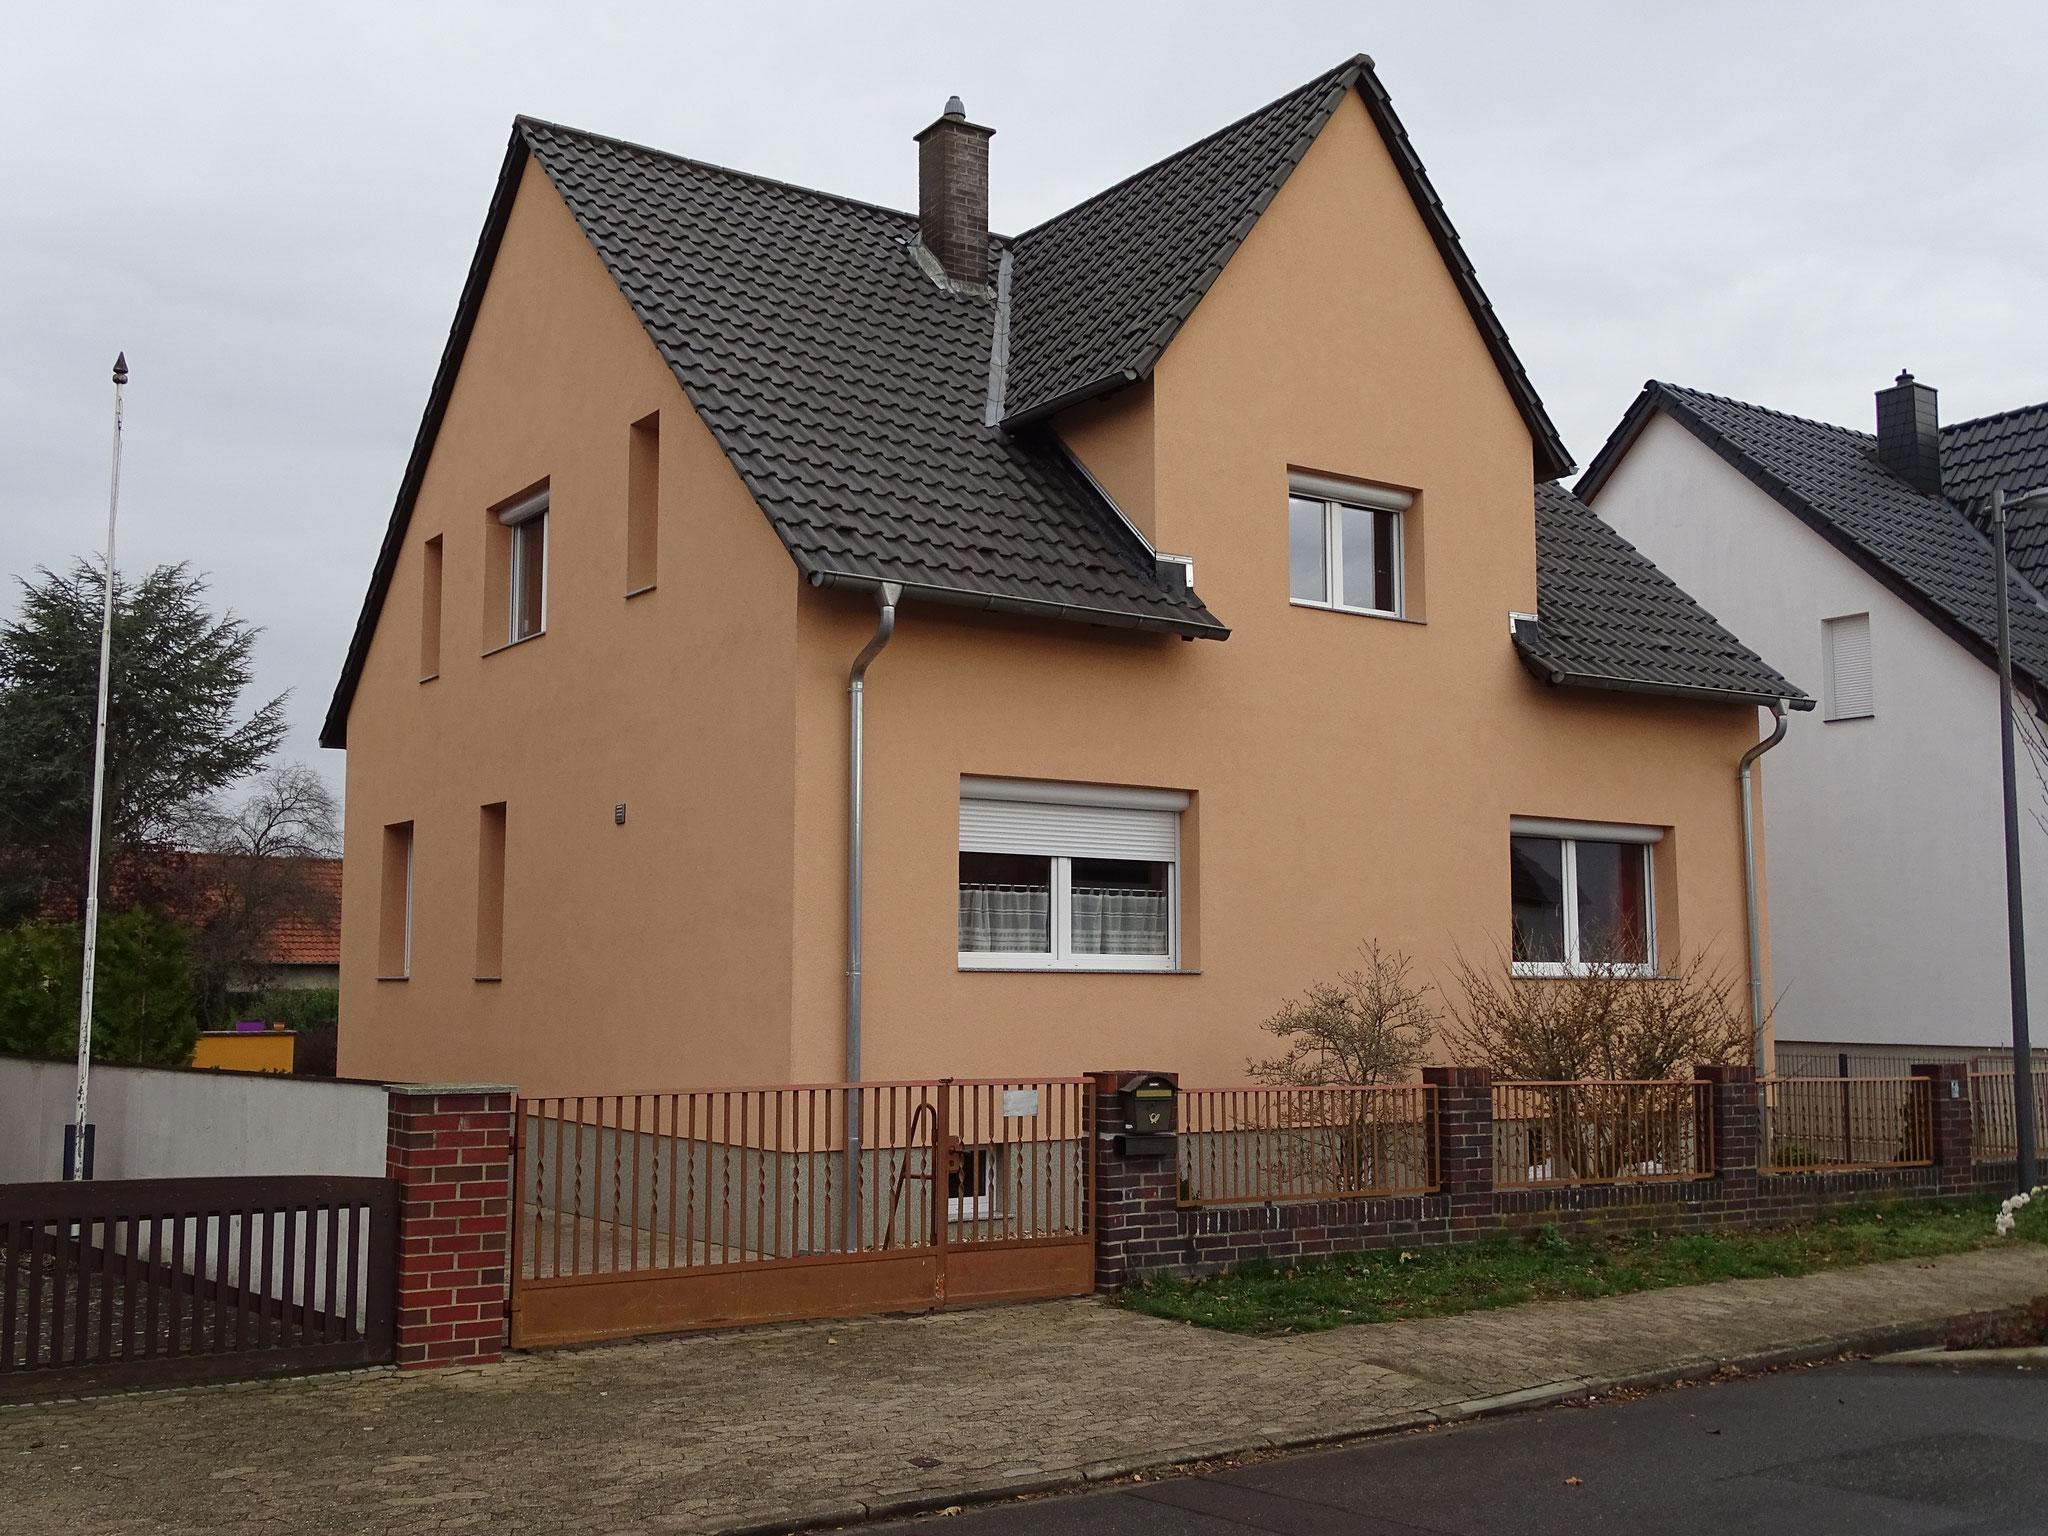 Einfamilienhaus verkauft in Peine - Dungelbeck 2019